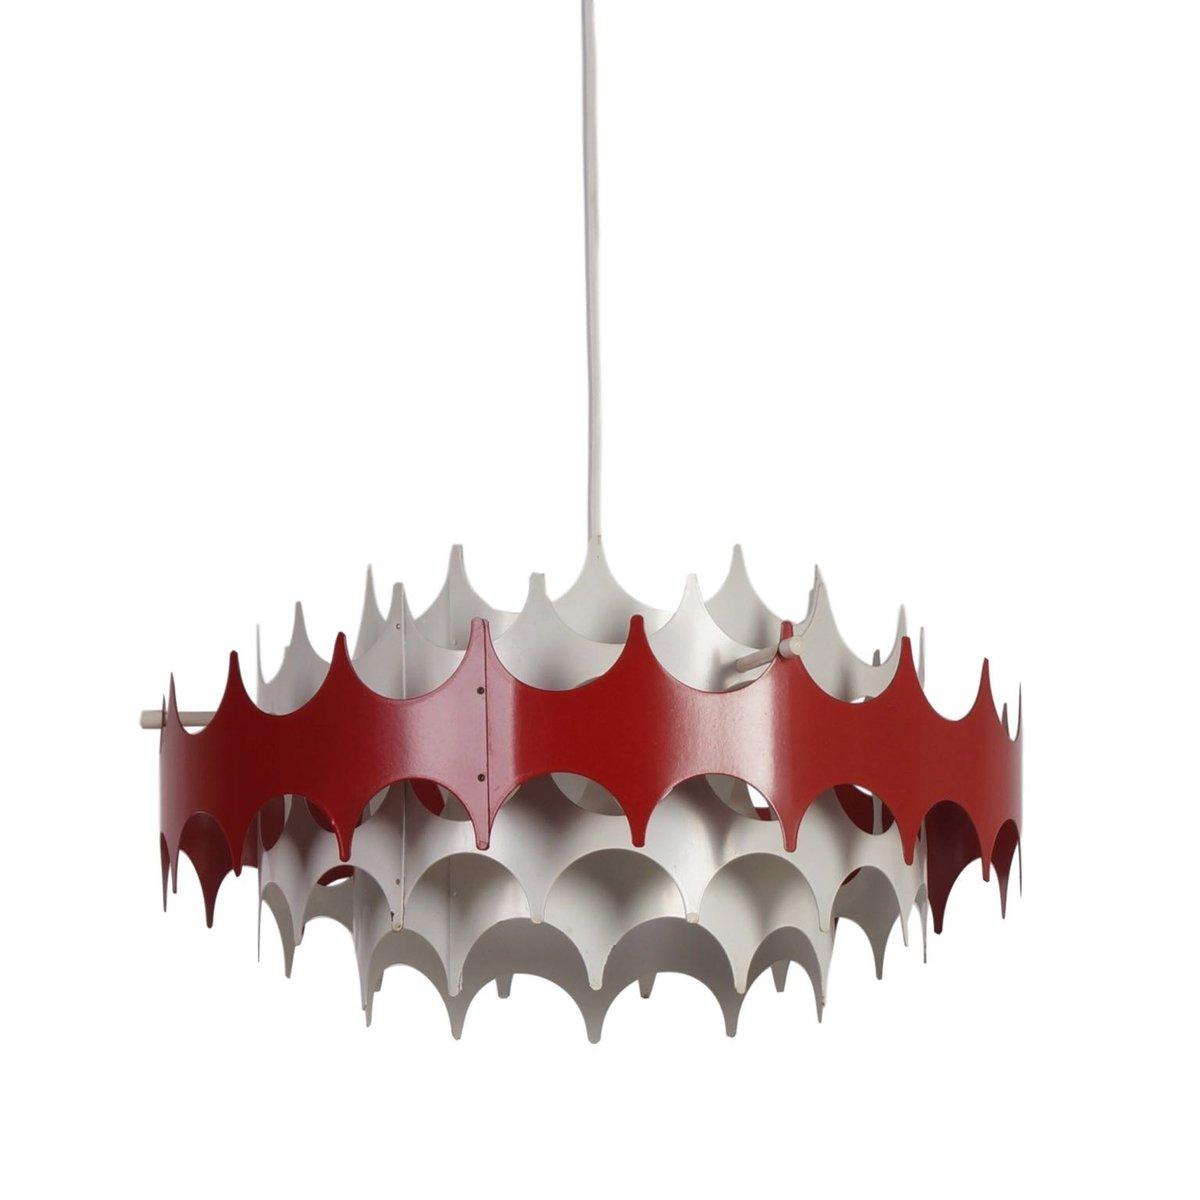 Hängelampe aus Weißem & Rotem Metall von Doria, 1960er